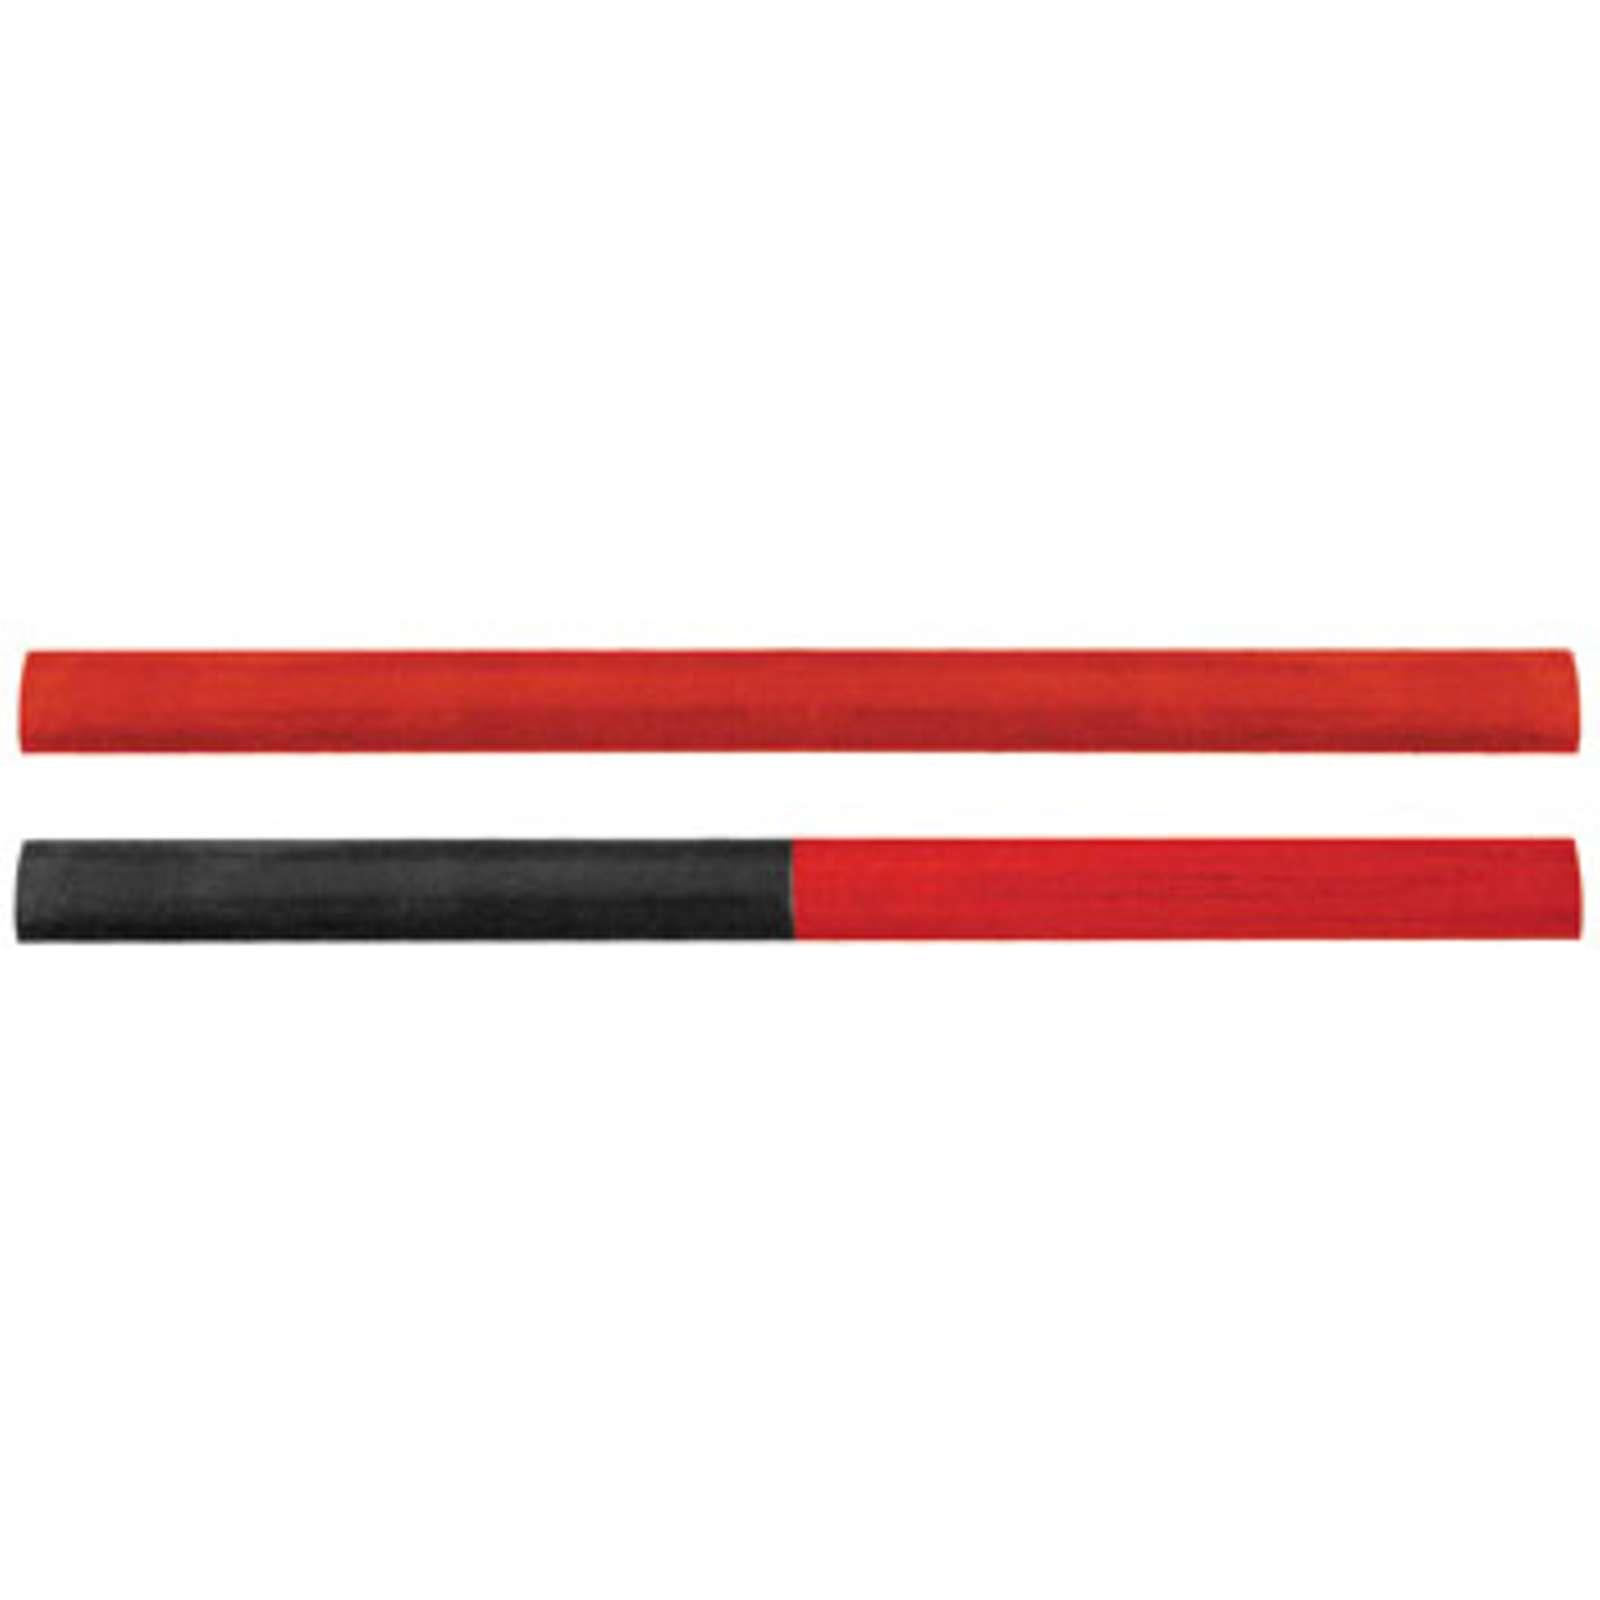 Набор карандашей строительных Fit It, 180 мм, 2 шт